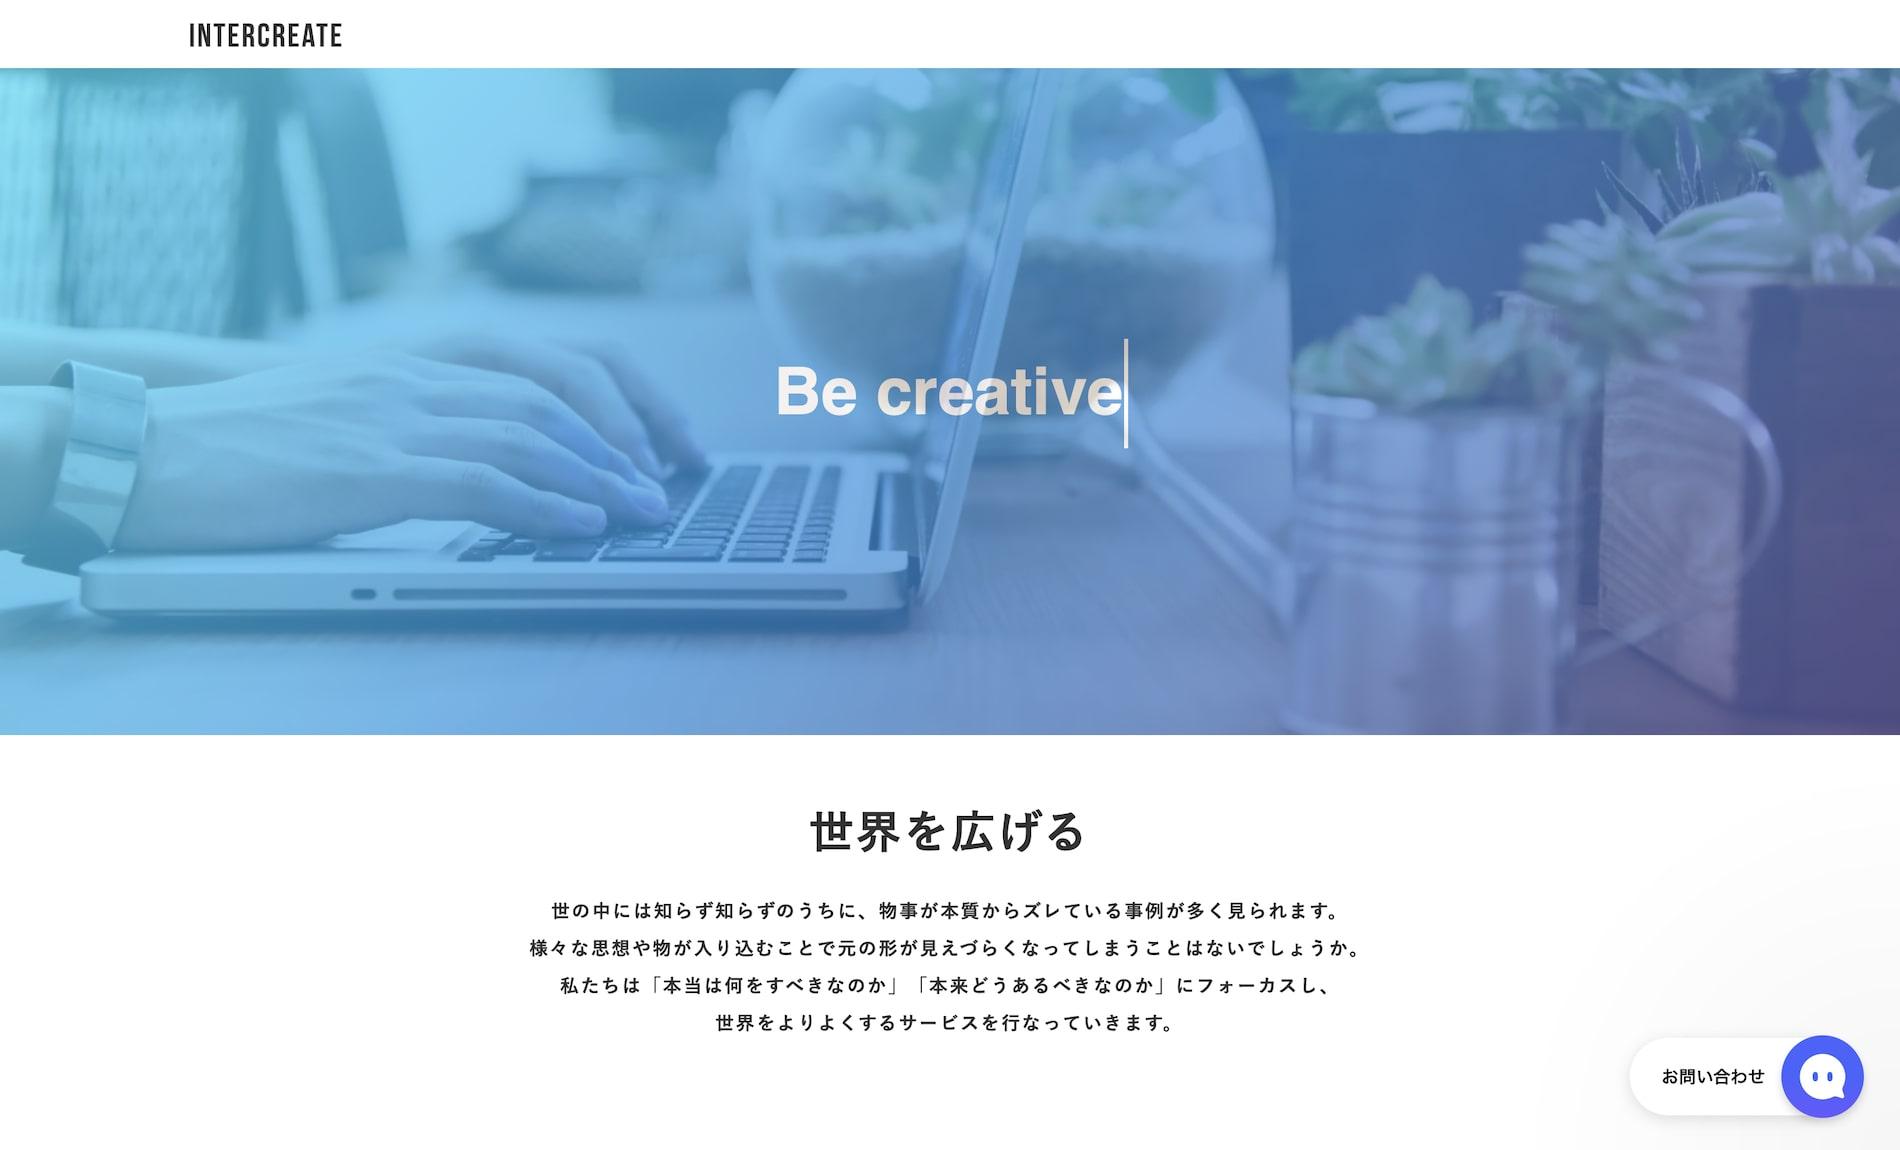 ホームページ制作会社 株式会社インタークリエイト